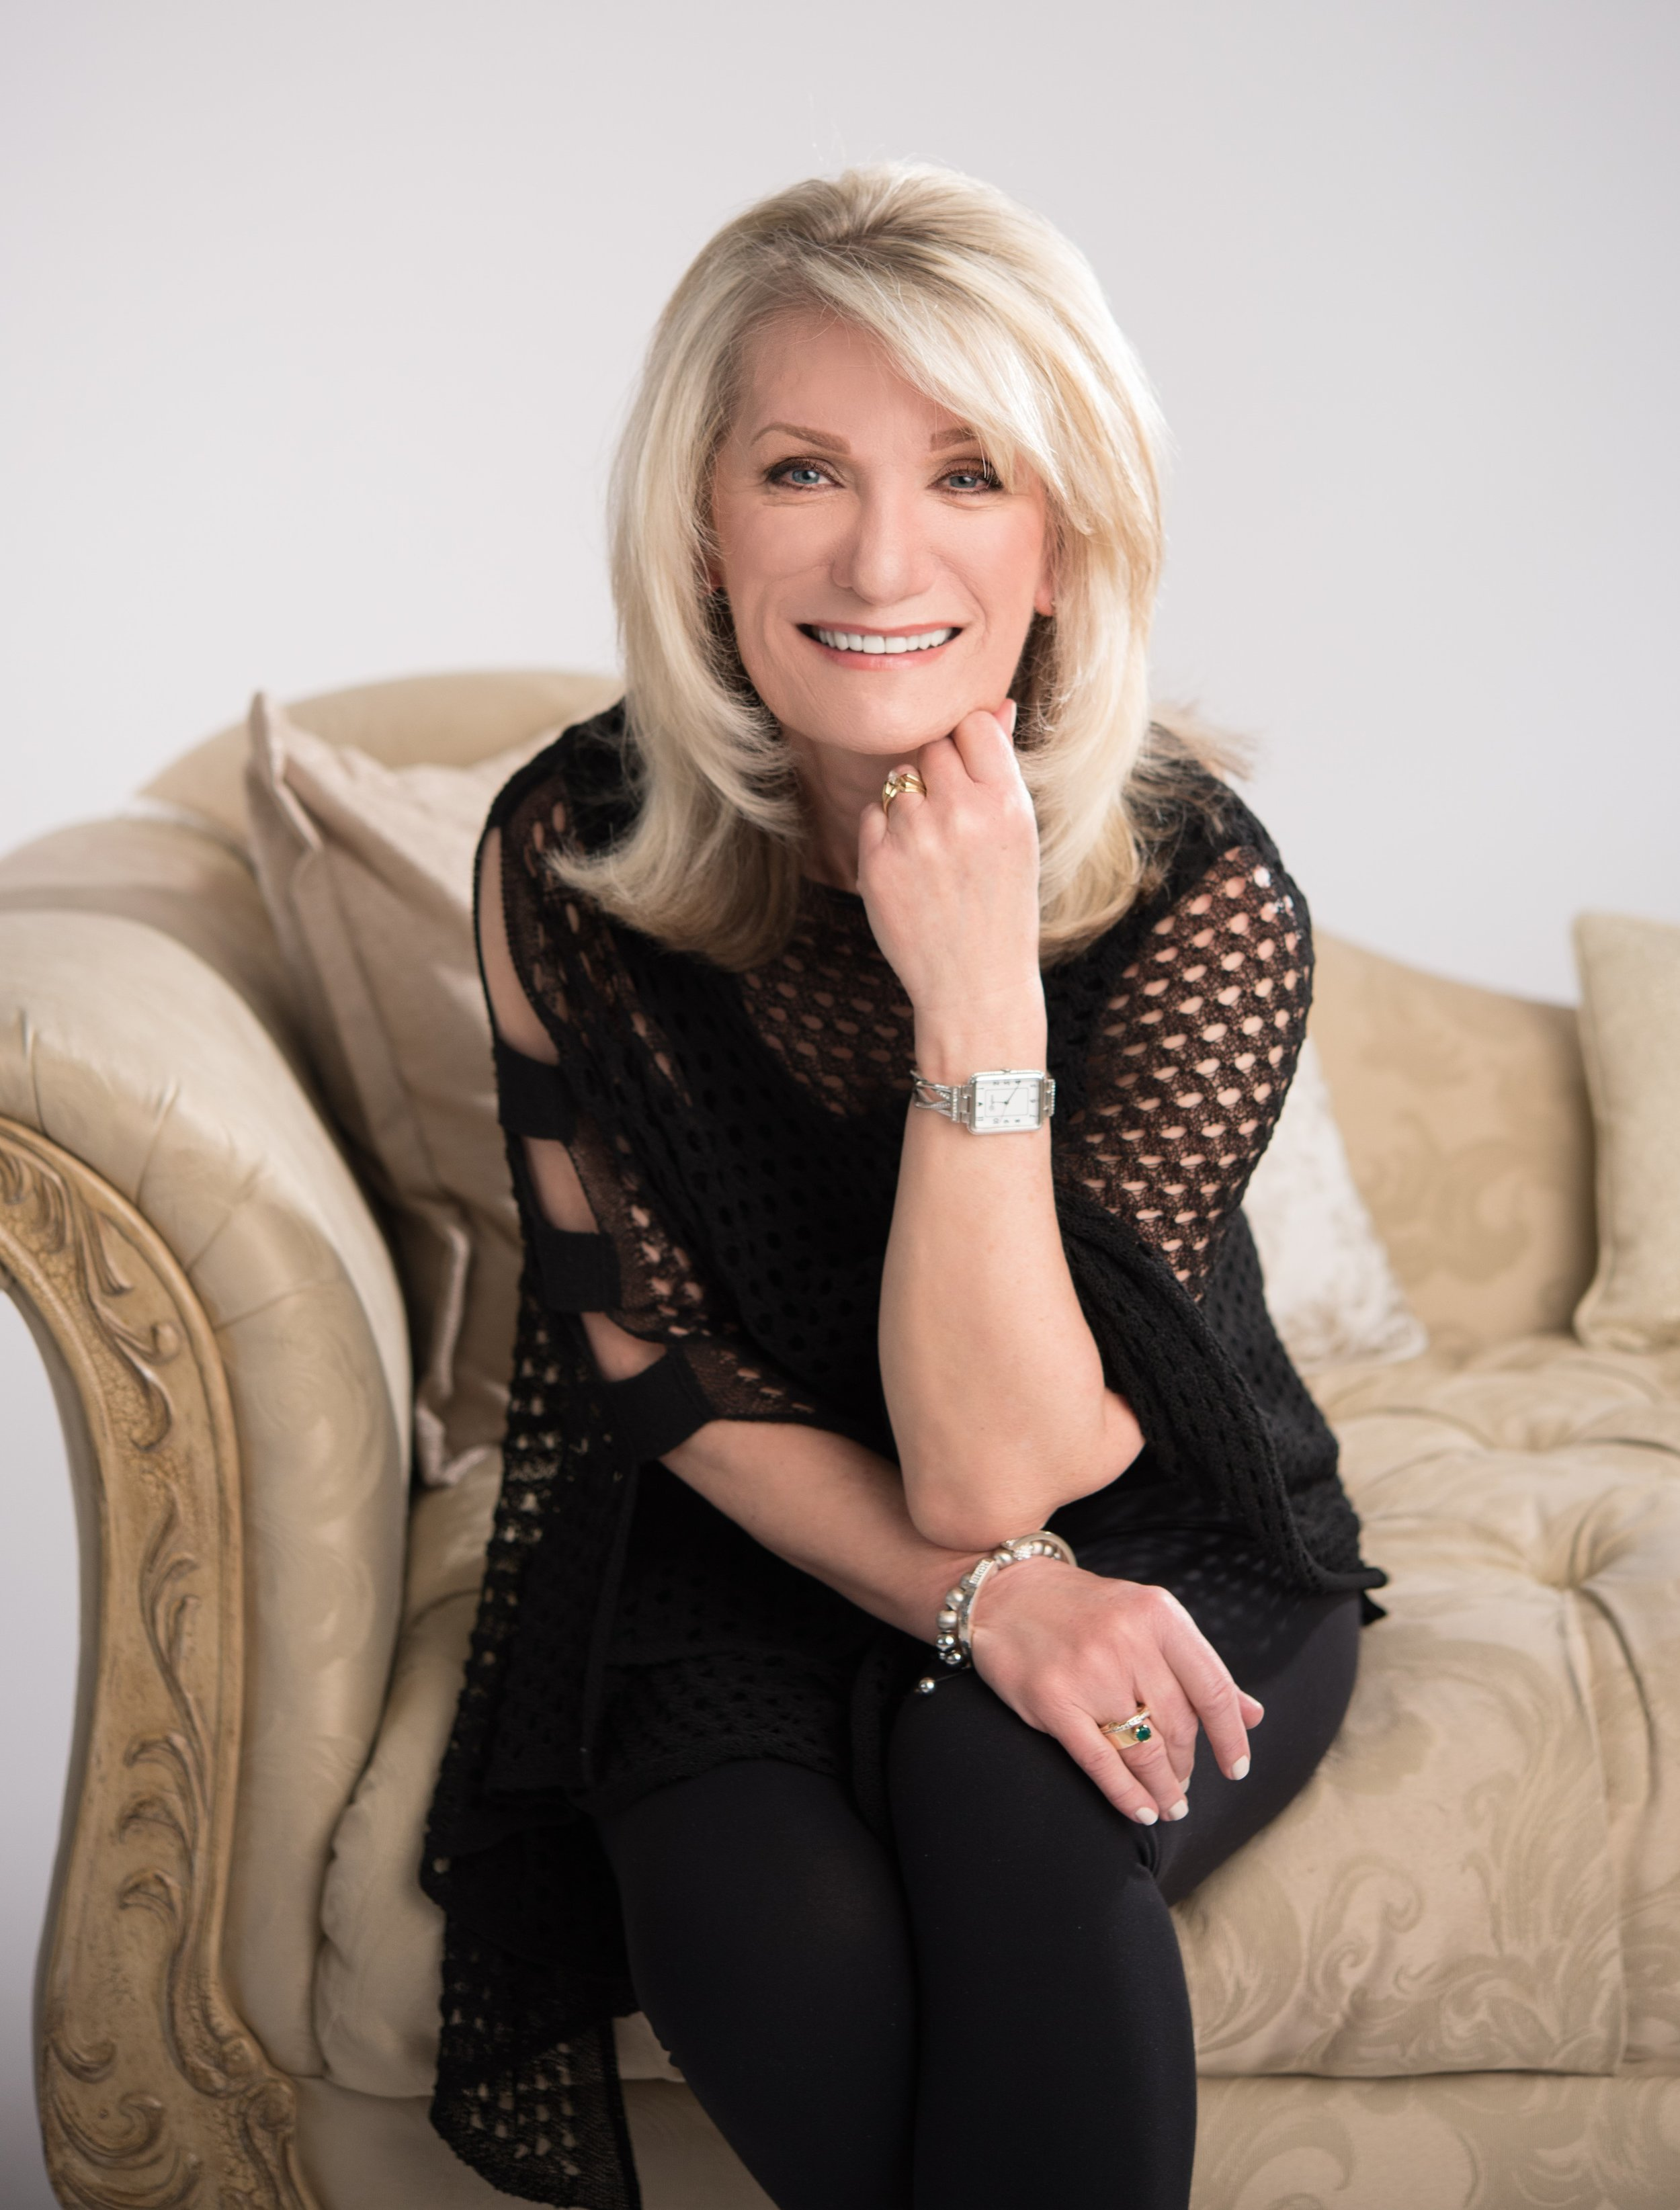 Susan Manser - Owner